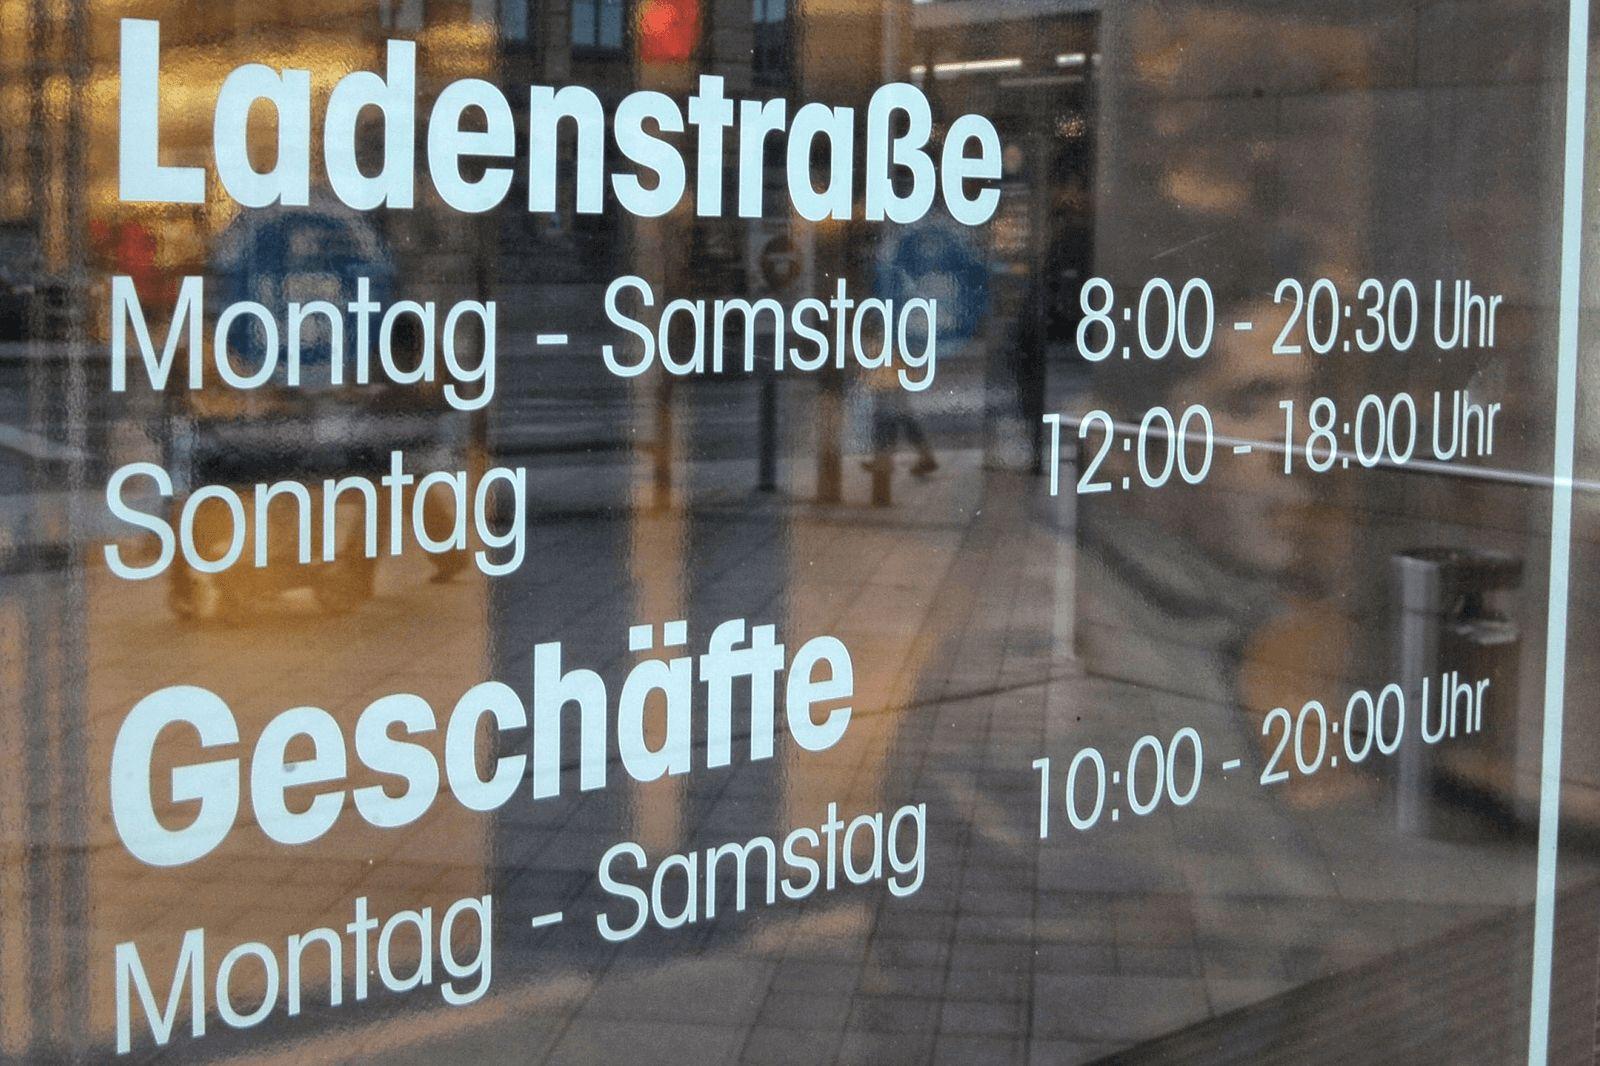 Schaufenster mit Öffnungszeiten